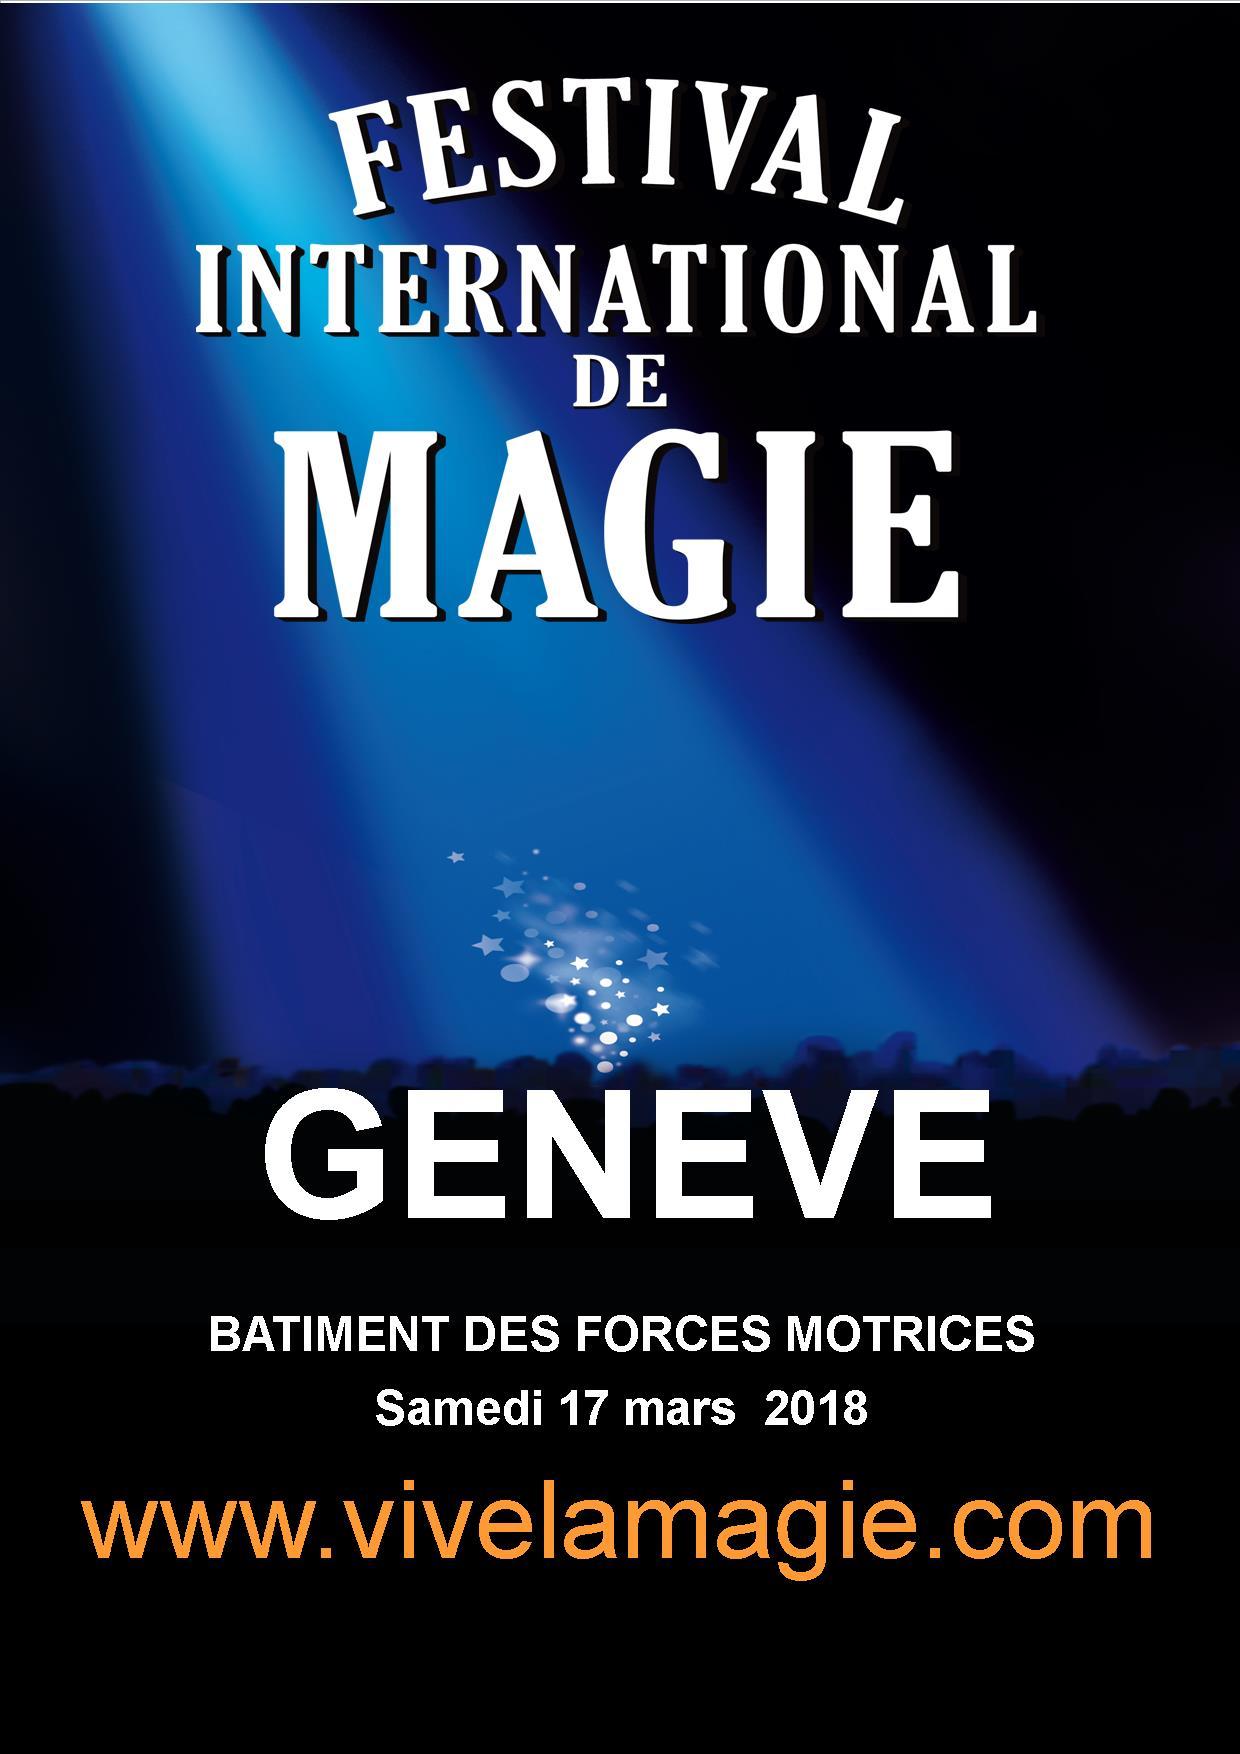 2018 Geneve visuel avec site web